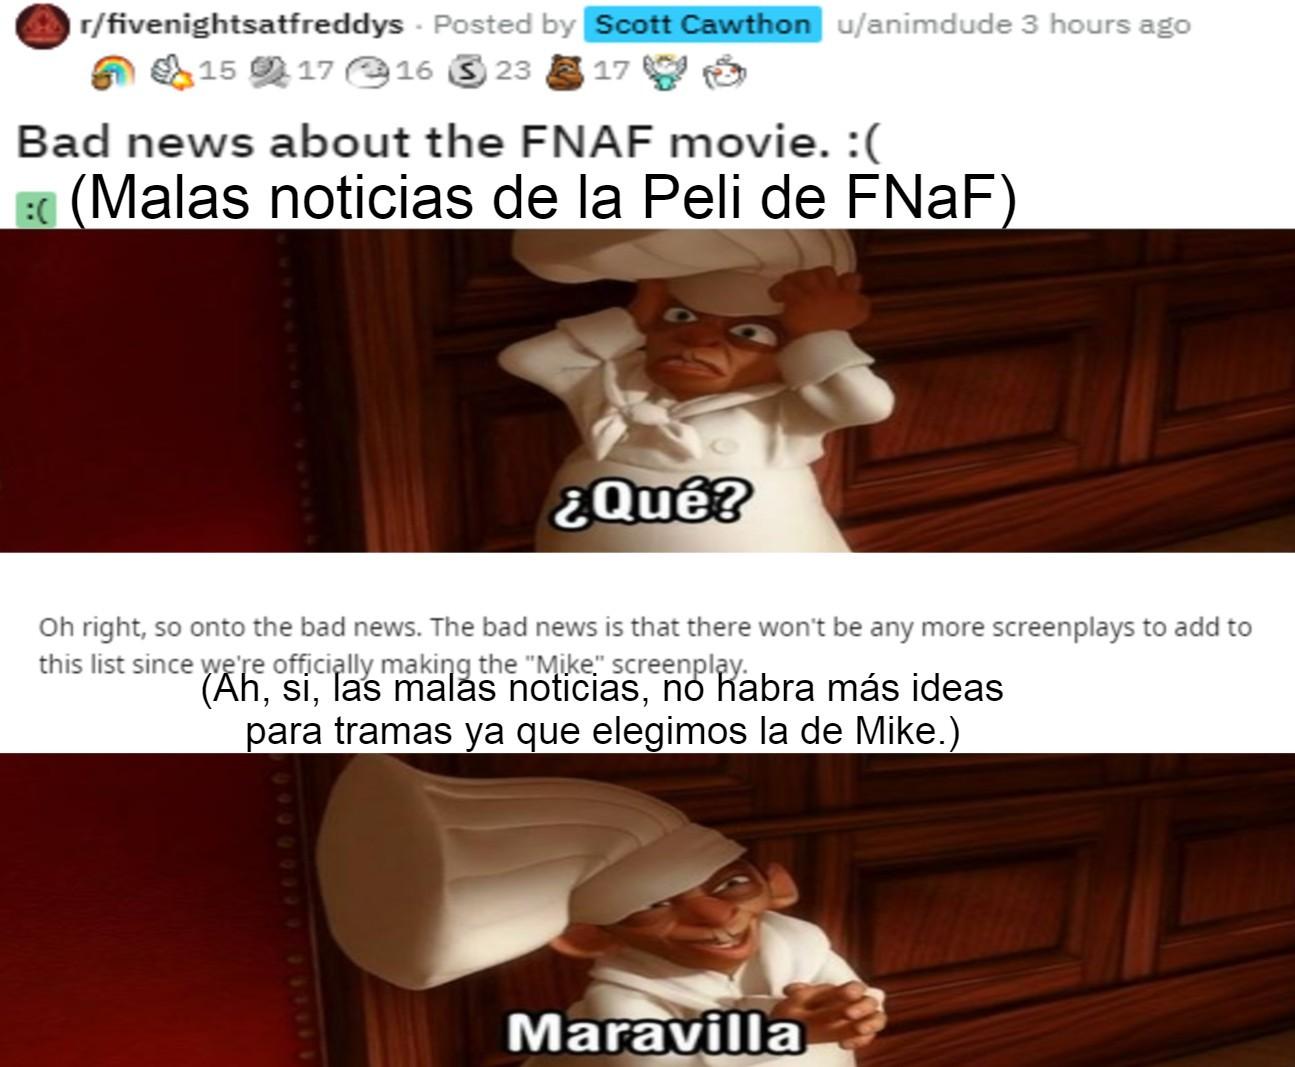 Ya se, FnaF PArA NiÑiTOs Y gAchAs :genius: pero se me hace interesante el concepto de una película de FNaF - meme